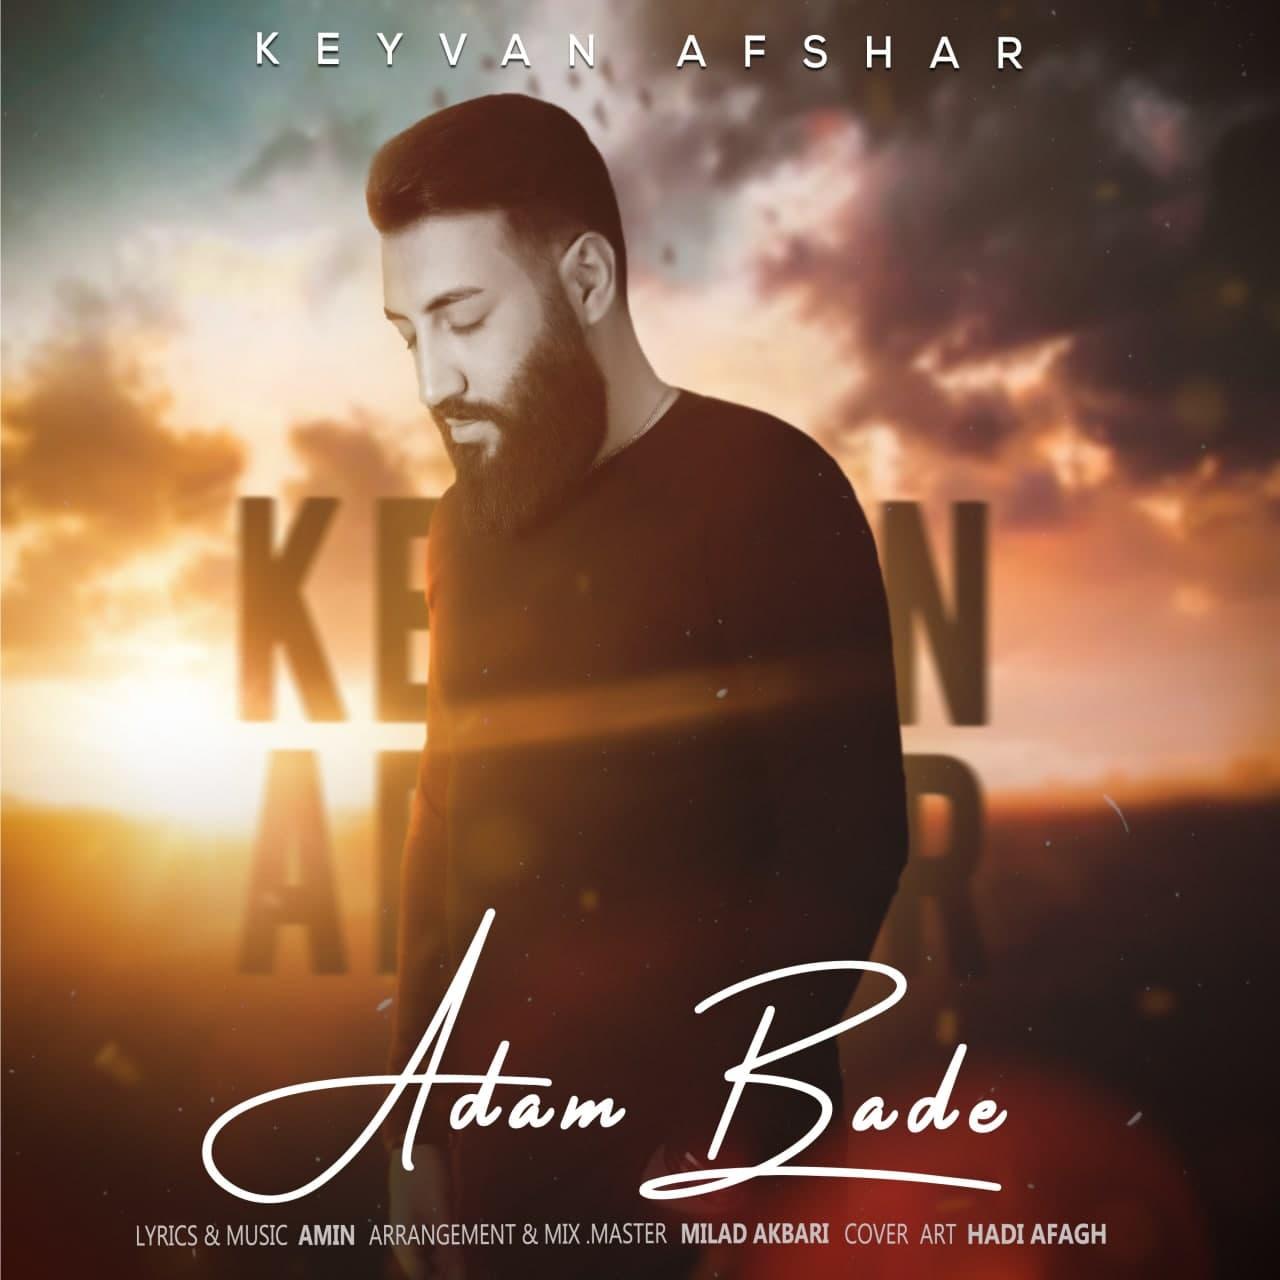 دانلود موزیک جدید آدم بده از کیوان افشار